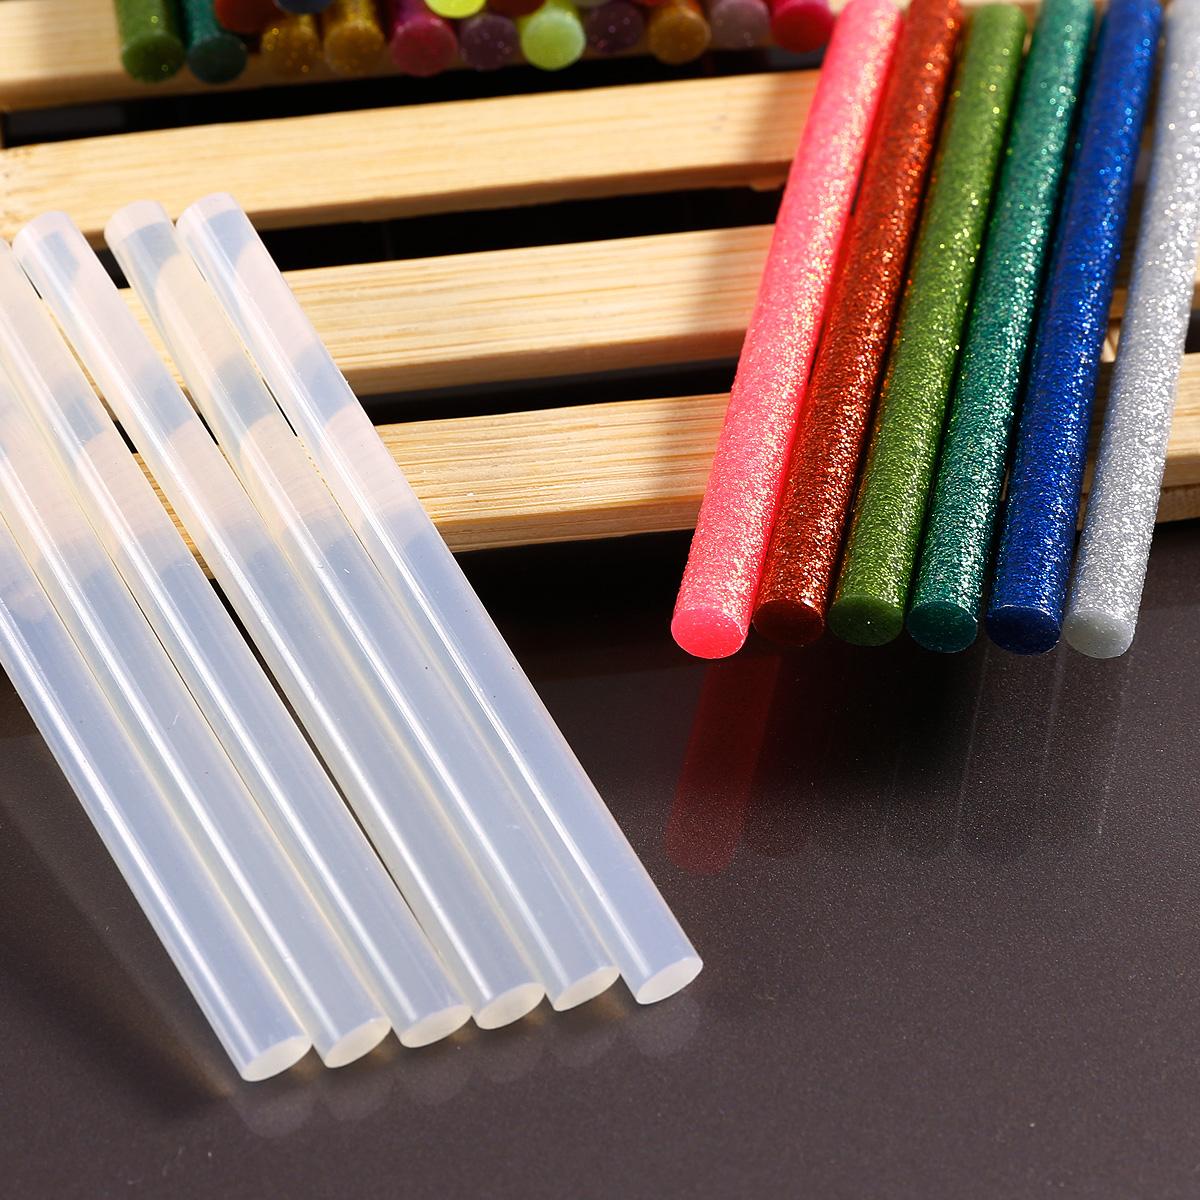 7mm klebesticks heisskleber heissleim transparent farbig bunt l nge 100mm ebay. Black Bedroom Furniture Sets. Home Design Ideas